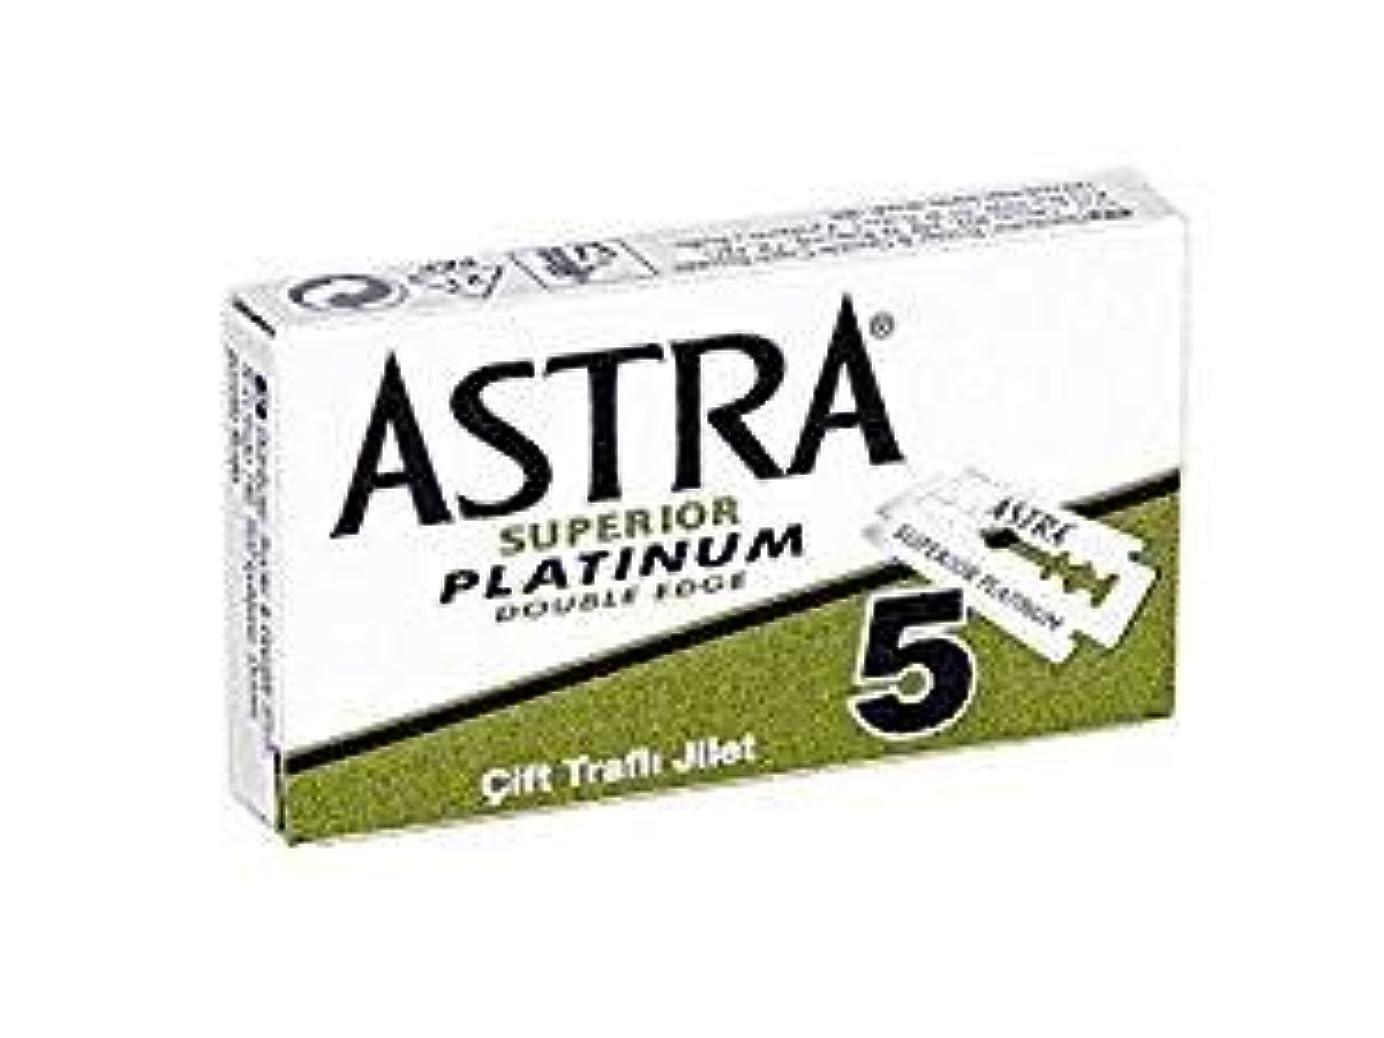 本部ふざけたピラミッドAstra Superior Platinum (アストラ 優れたプラチナ) 両刃替刃 25個入り (5 x 5) [並行輸入品]